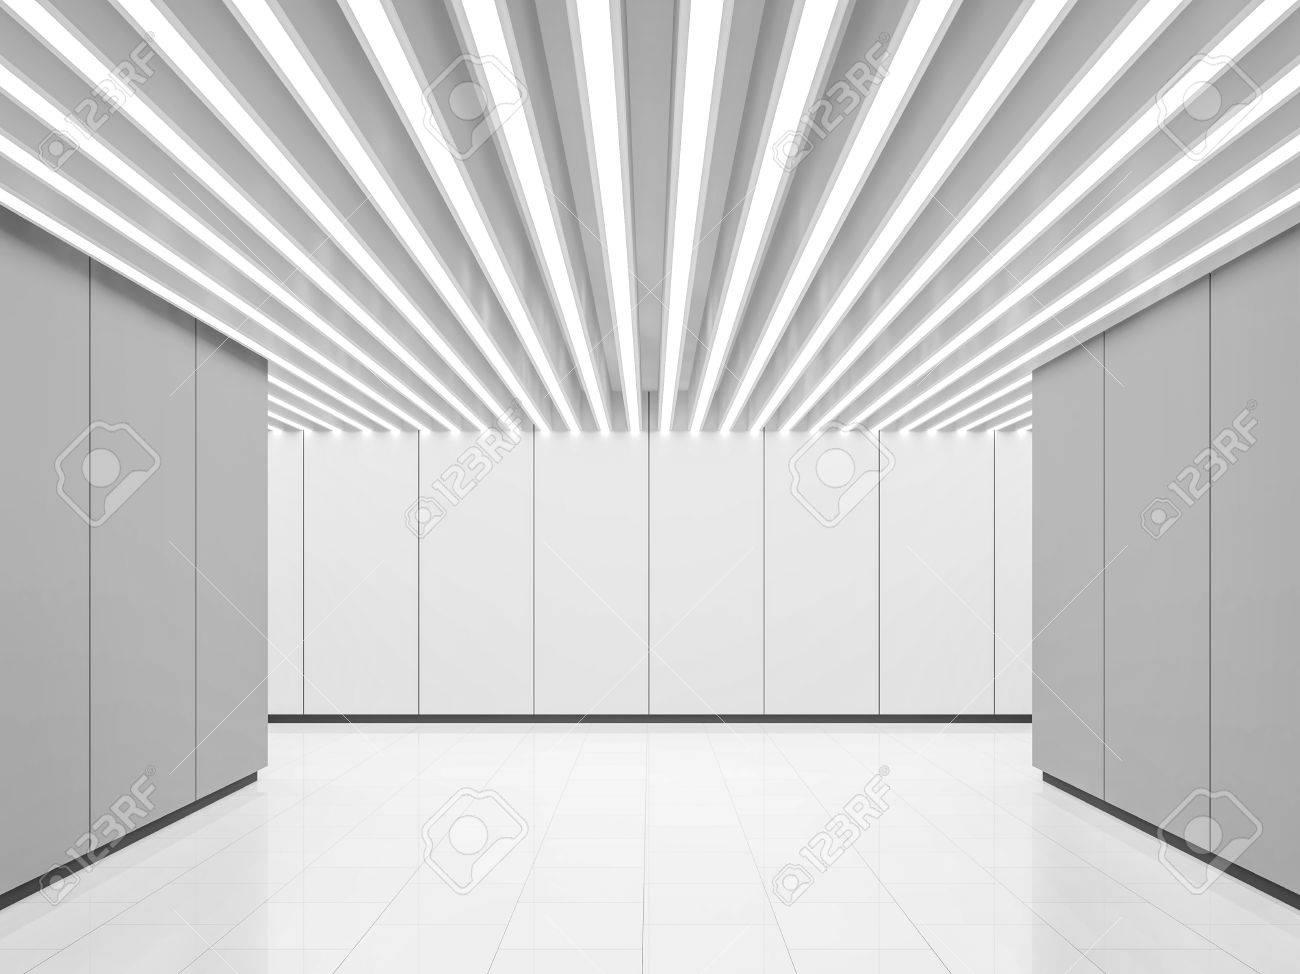 Leere Weiße Raum Moderne Raum Interieur 3D Rendering Bild. Eine ...